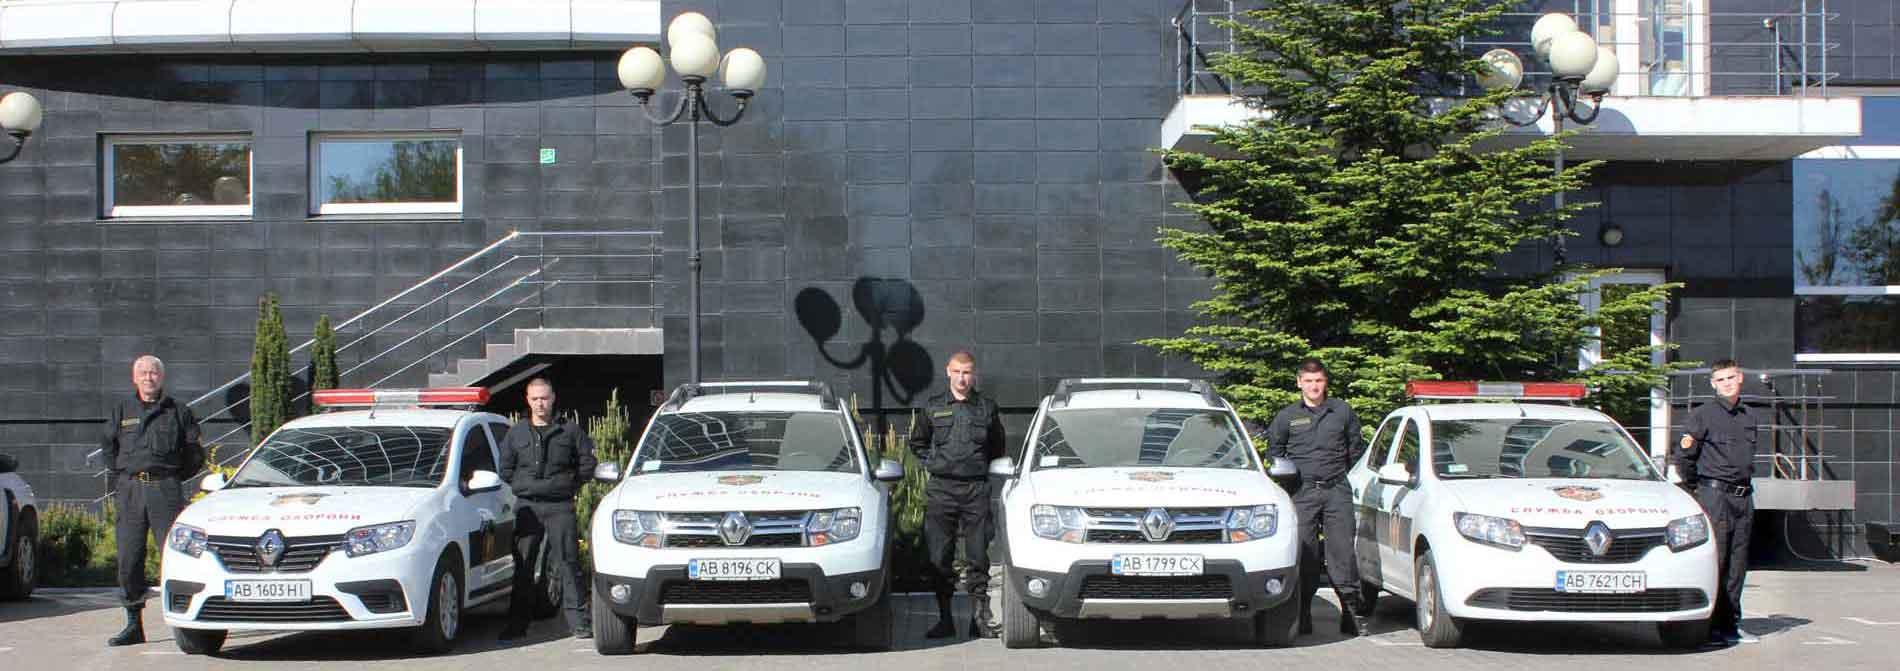 Охранная фирма Альфа Щит Винница - Охрана дома, квартиры, сигнализация на пульт, физическая охрана, видеонаблюдение, тревожная кнопка, мобильные группы